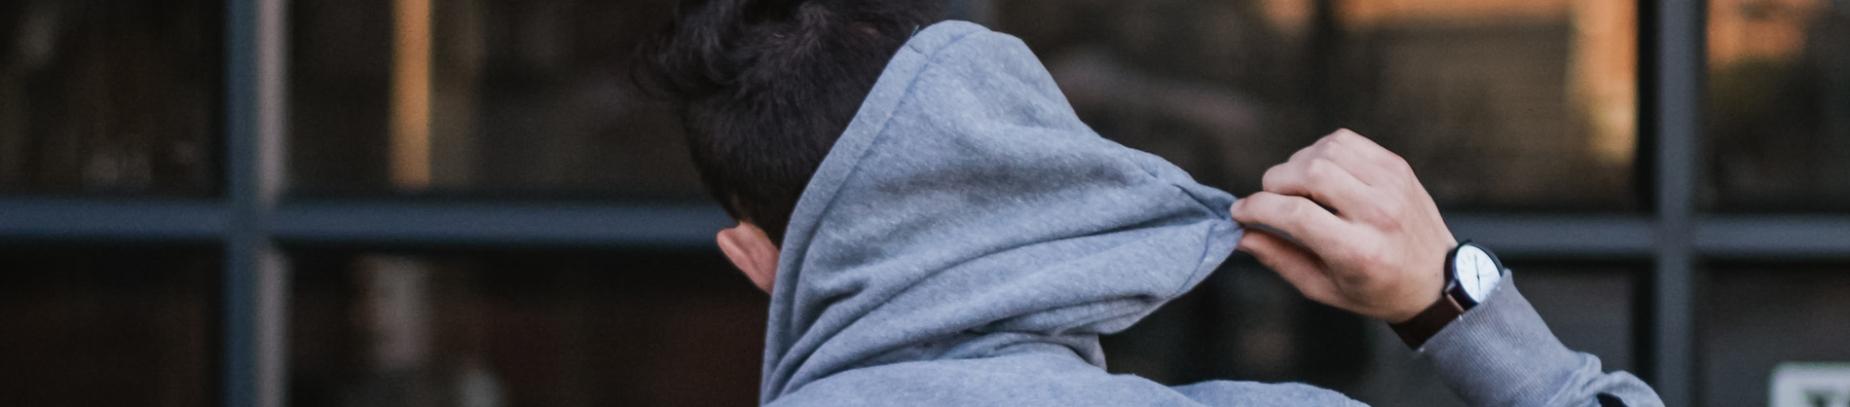 A guy pulling down his hoodie hood off his head